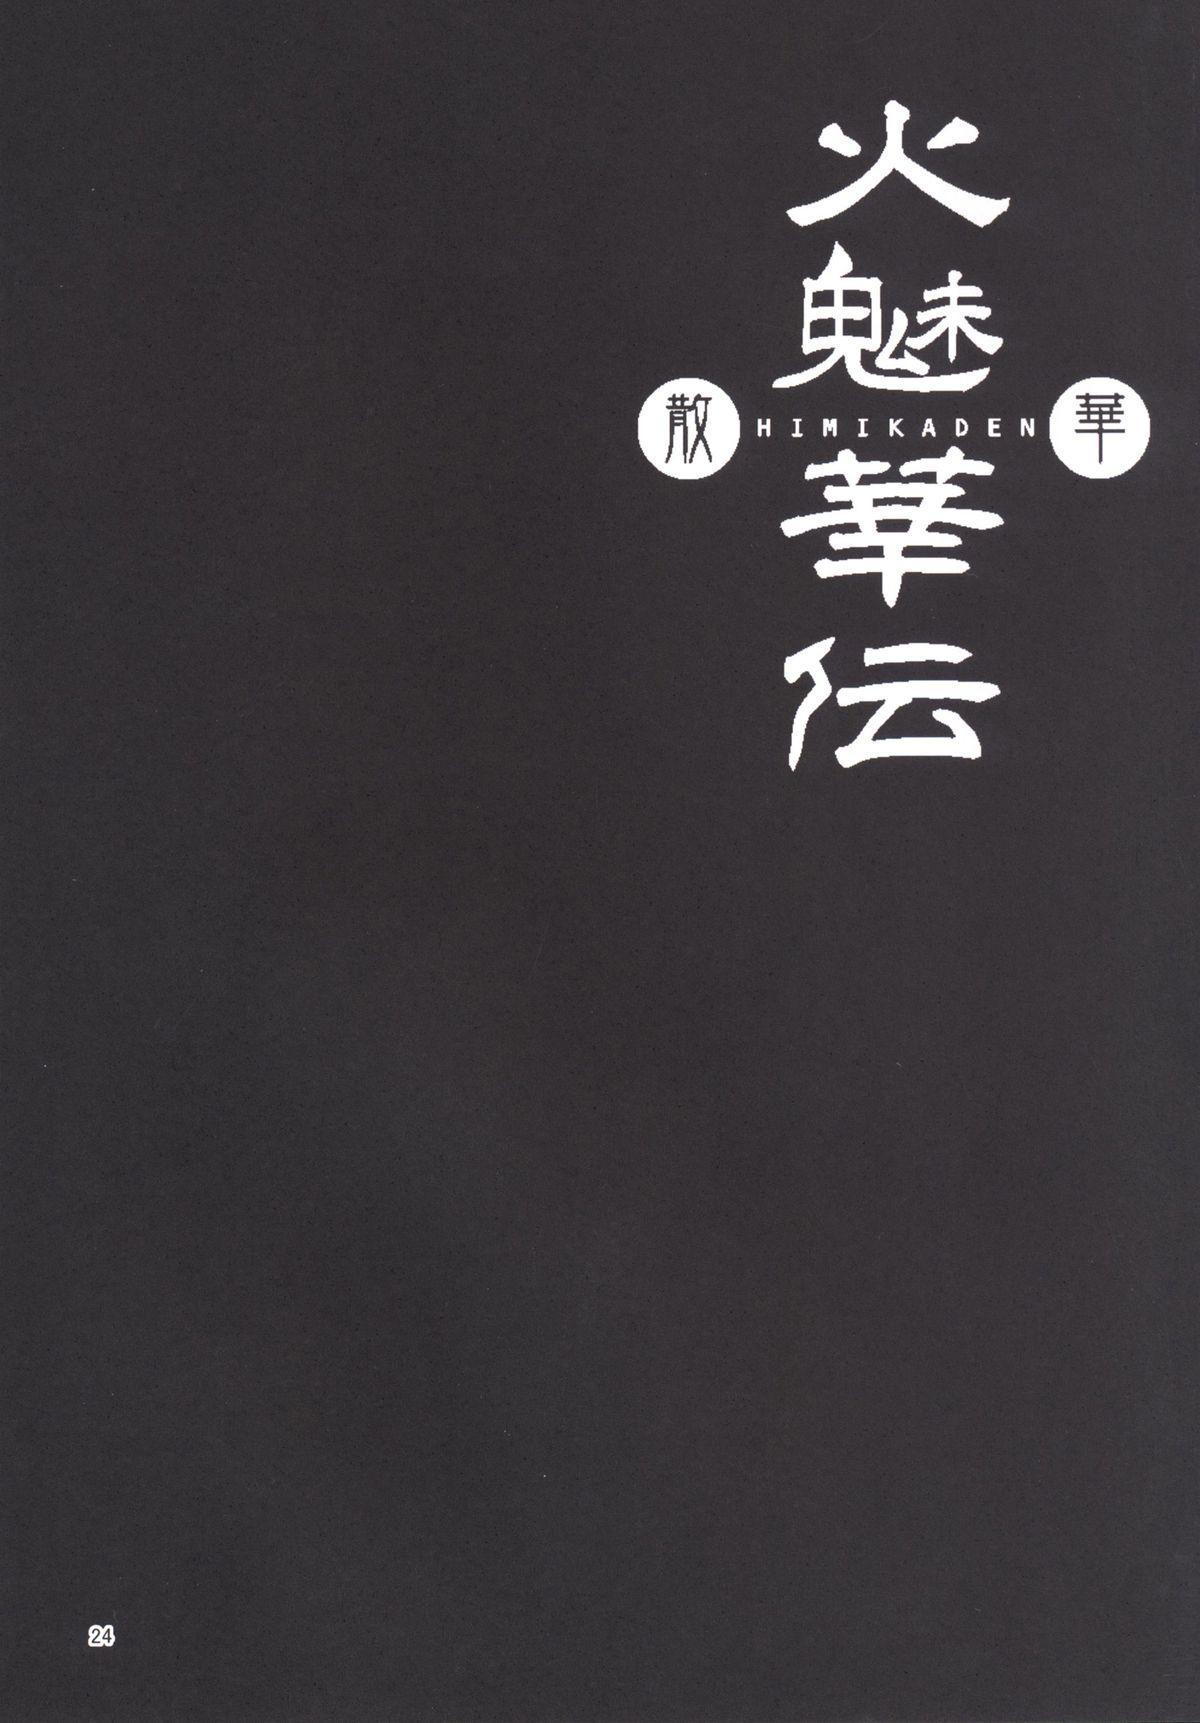 Himikaden 22